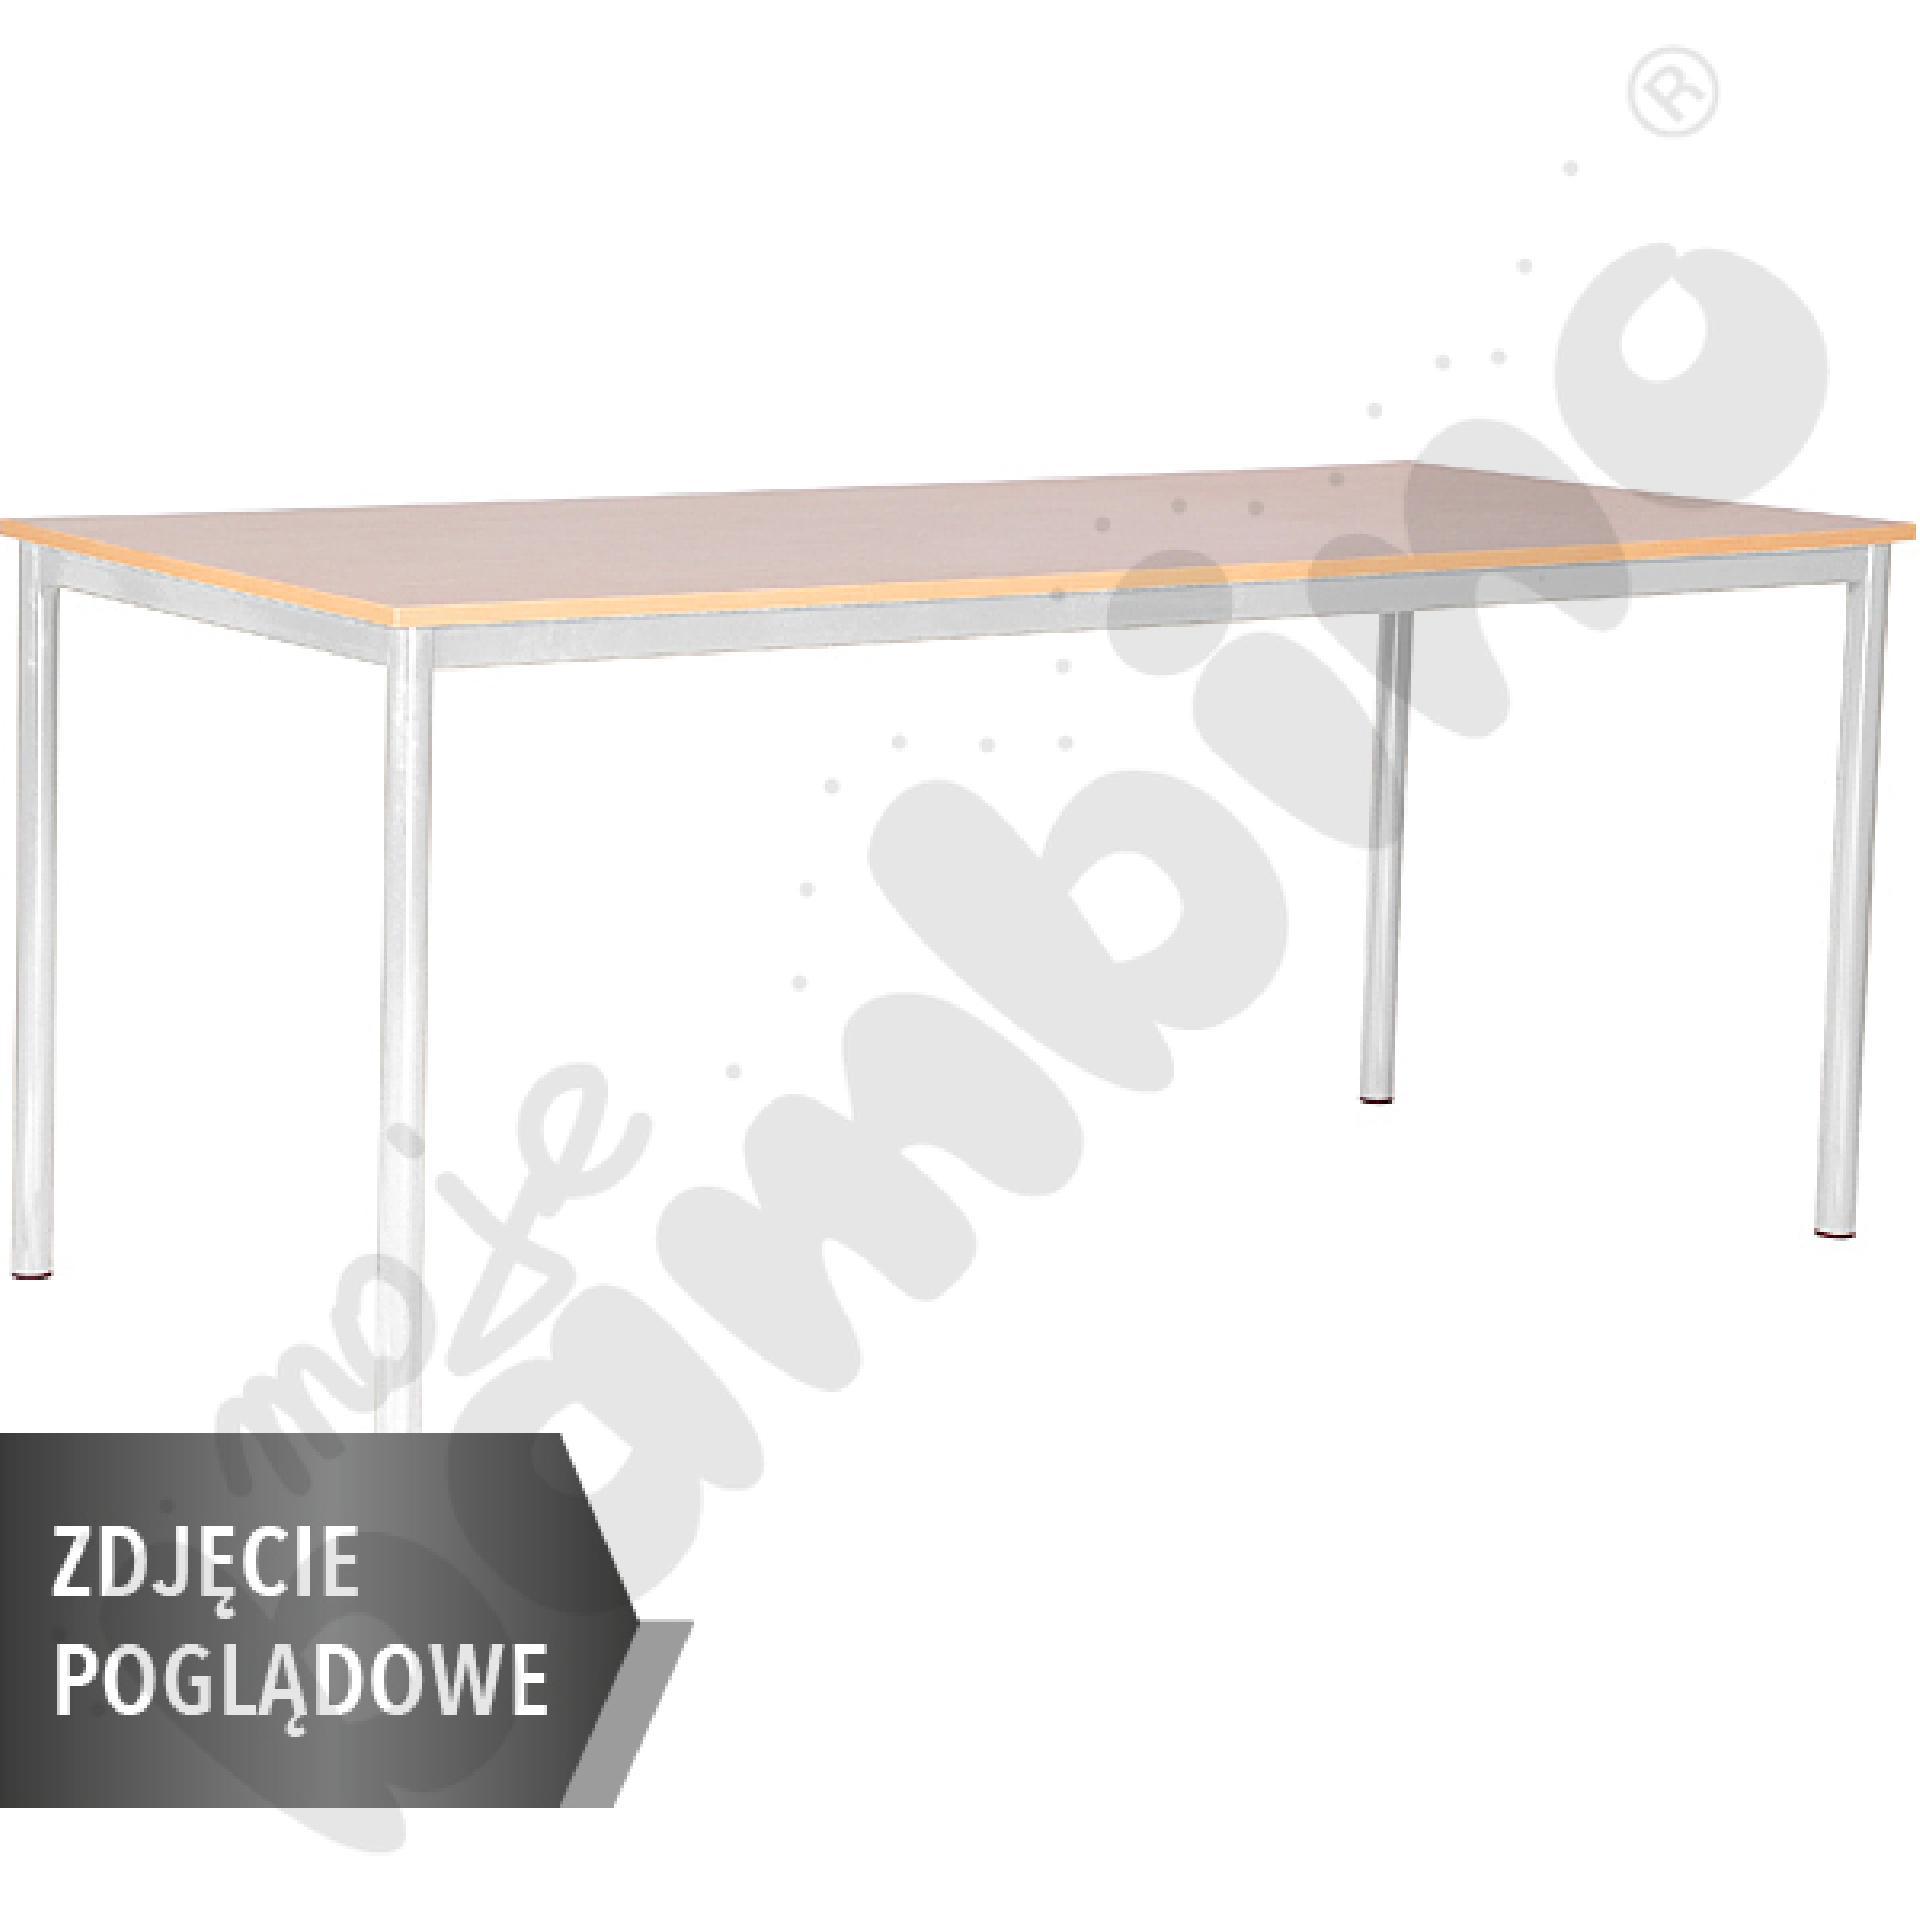 Stół Mila 180x80 rozm. 4, 8os., stelaż czarny, blat brzoza, obrzeże ABS, narożniki proste